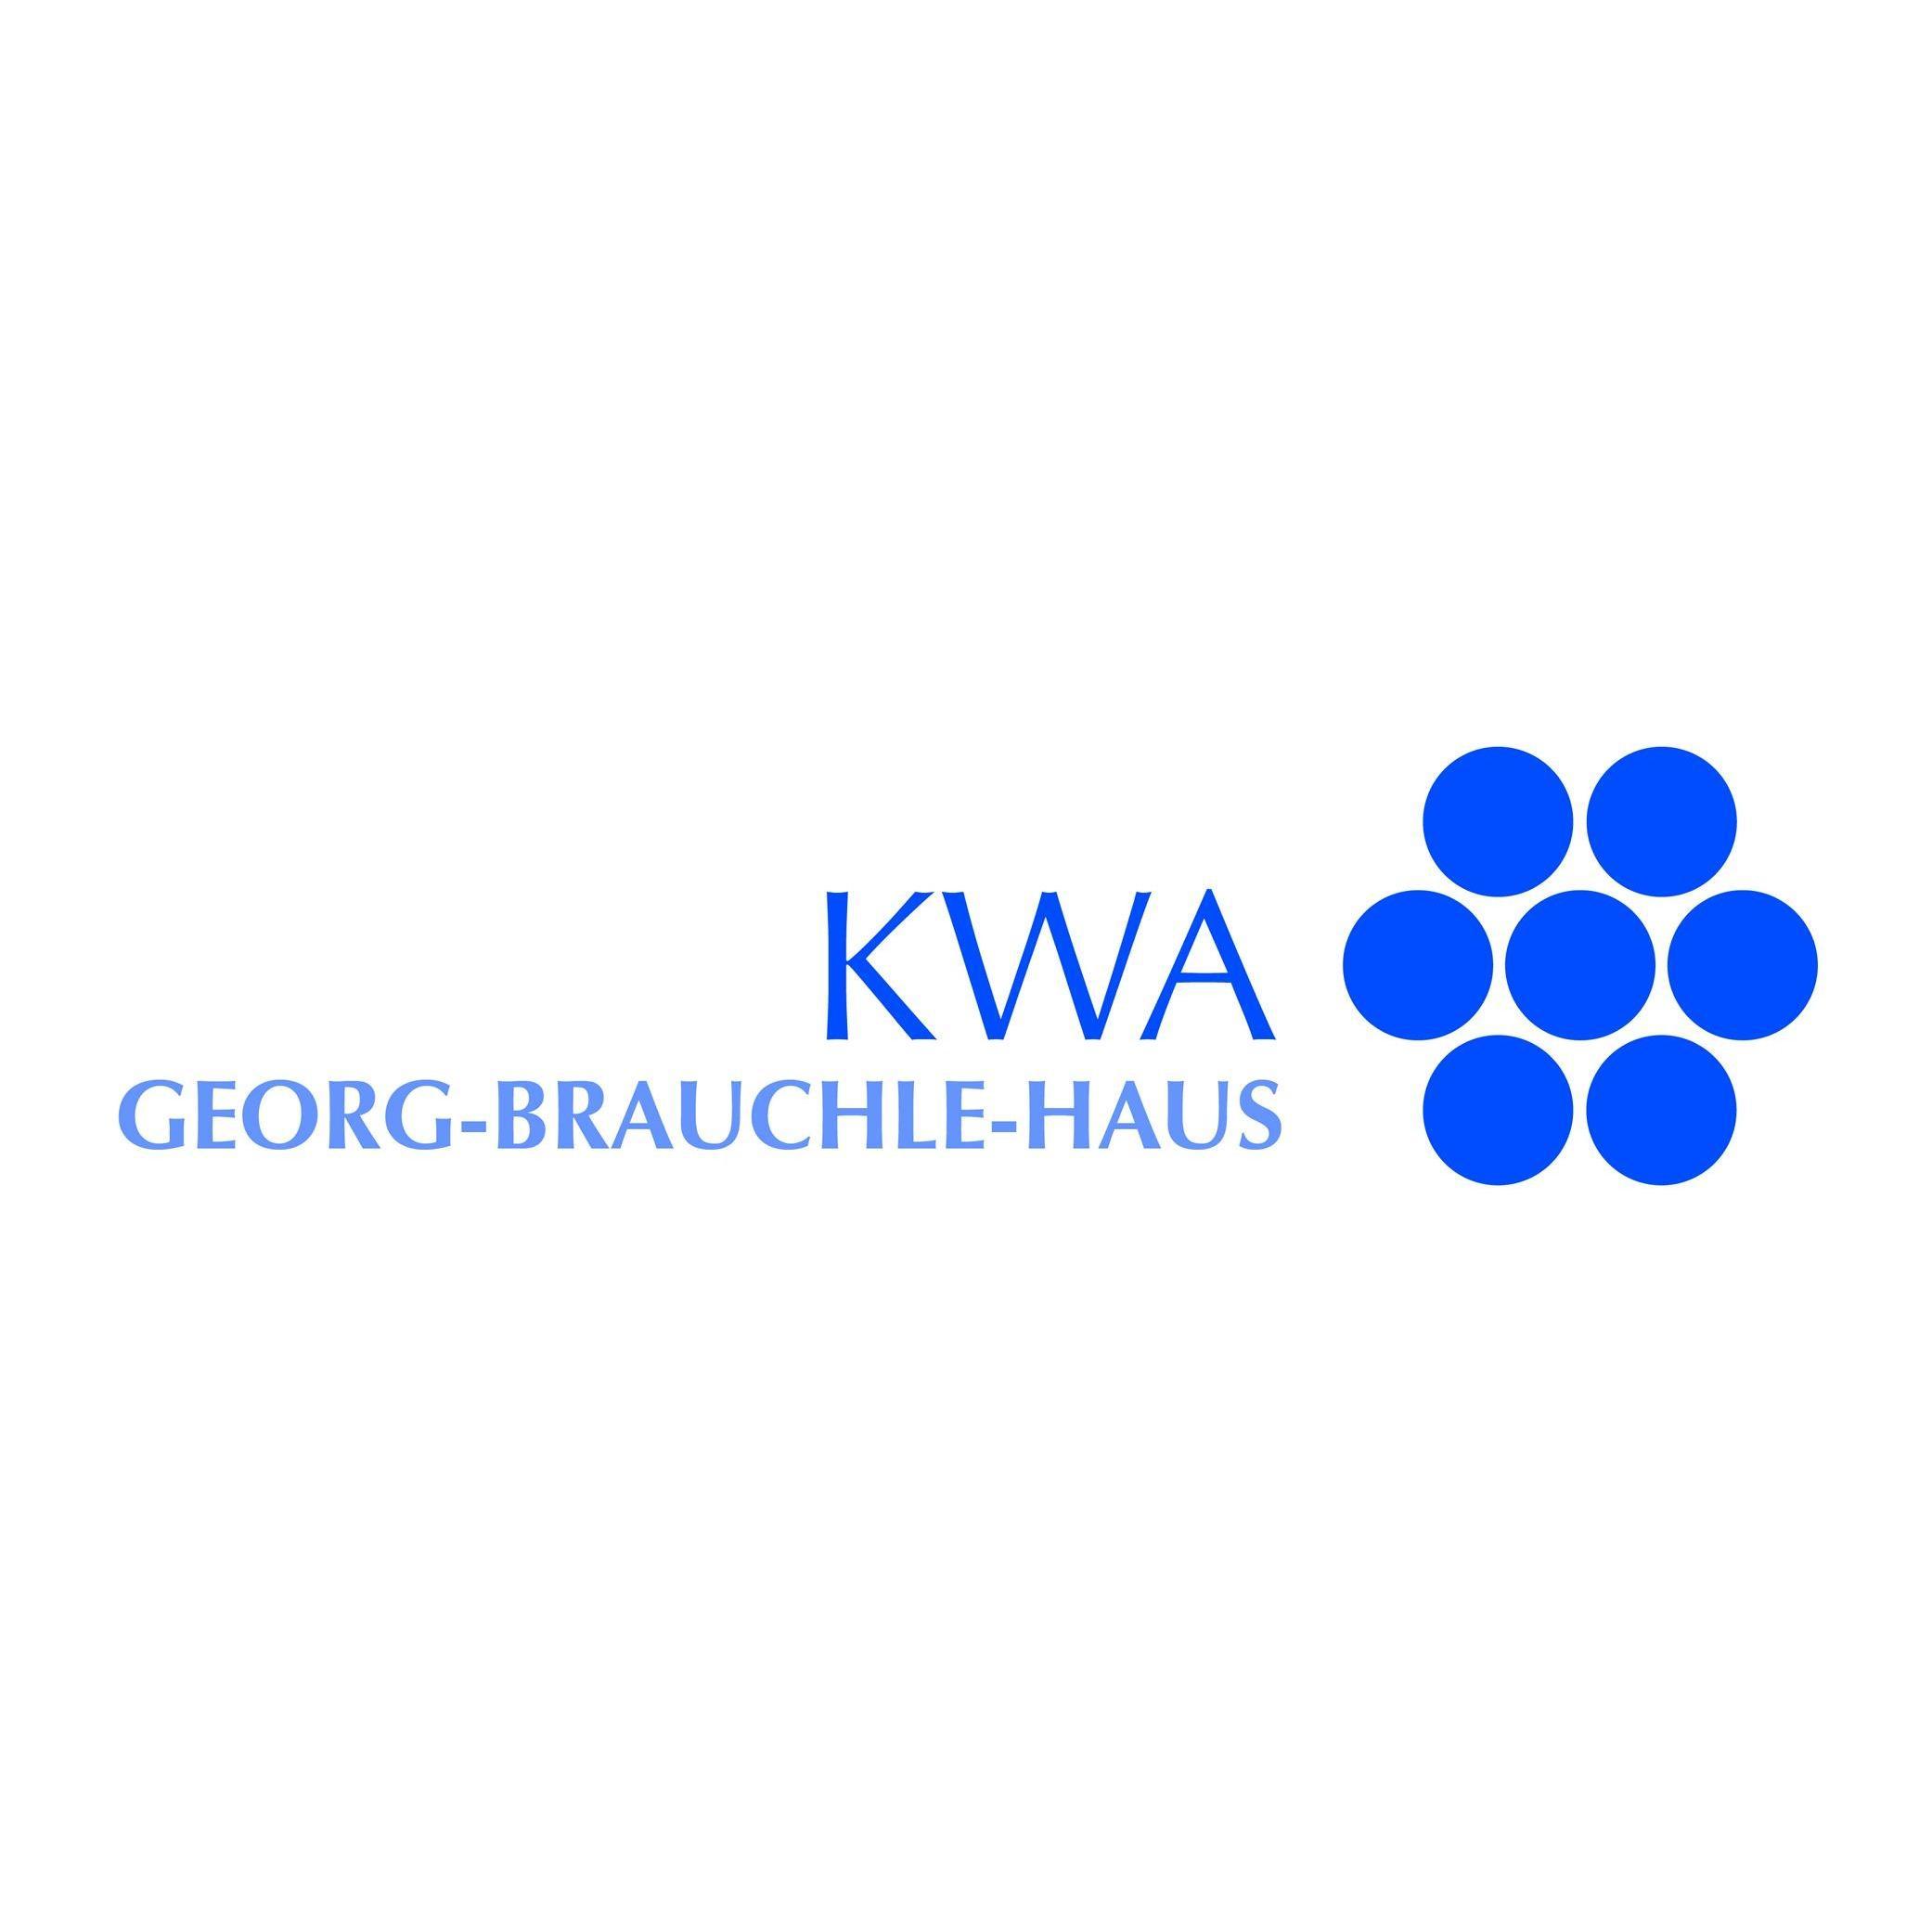 Bild zu KWA Georg-Brauchle-Haus in München